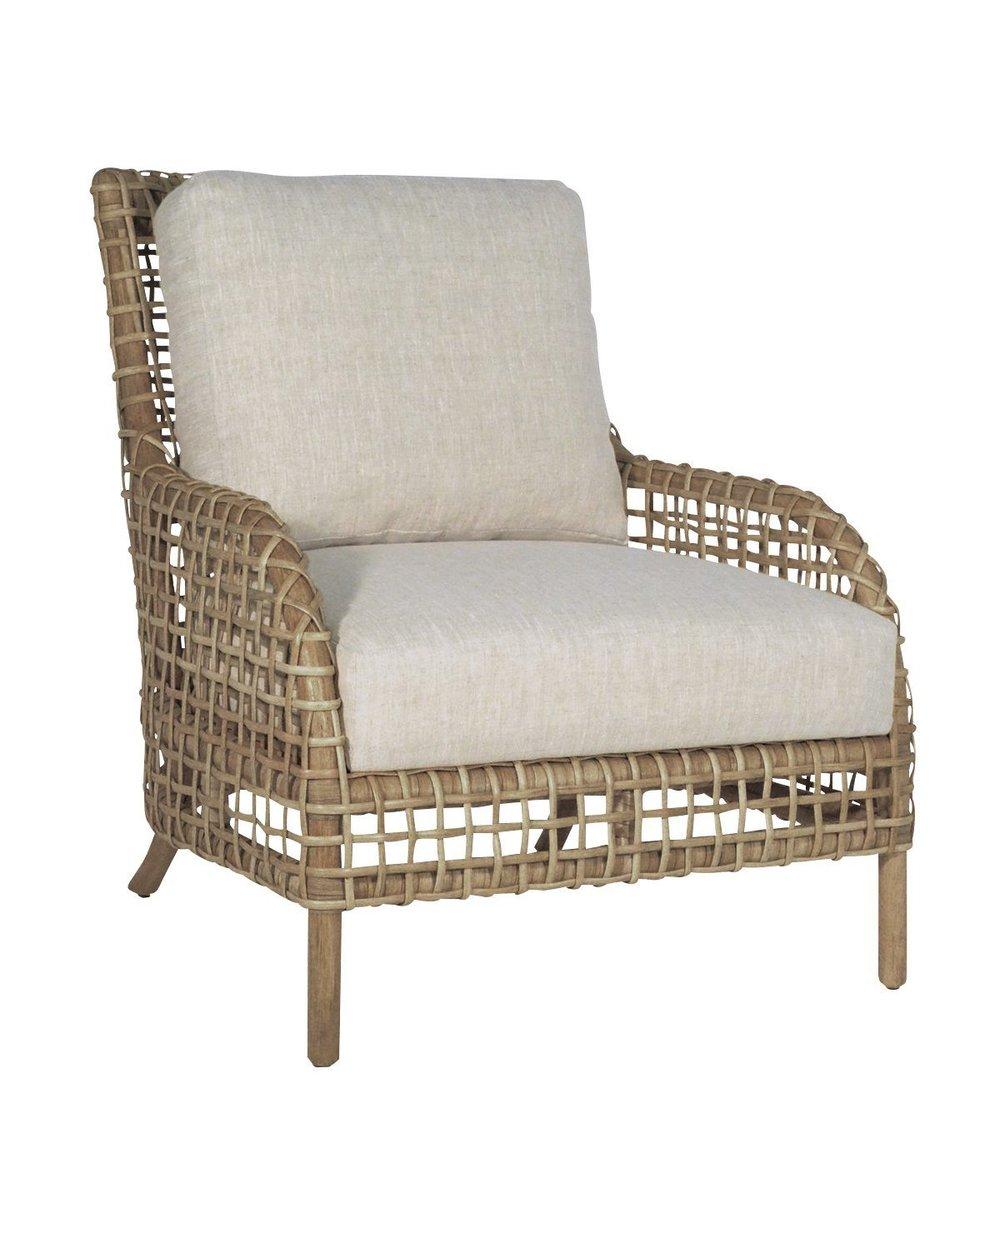 Solaine_Chair_1.jpg